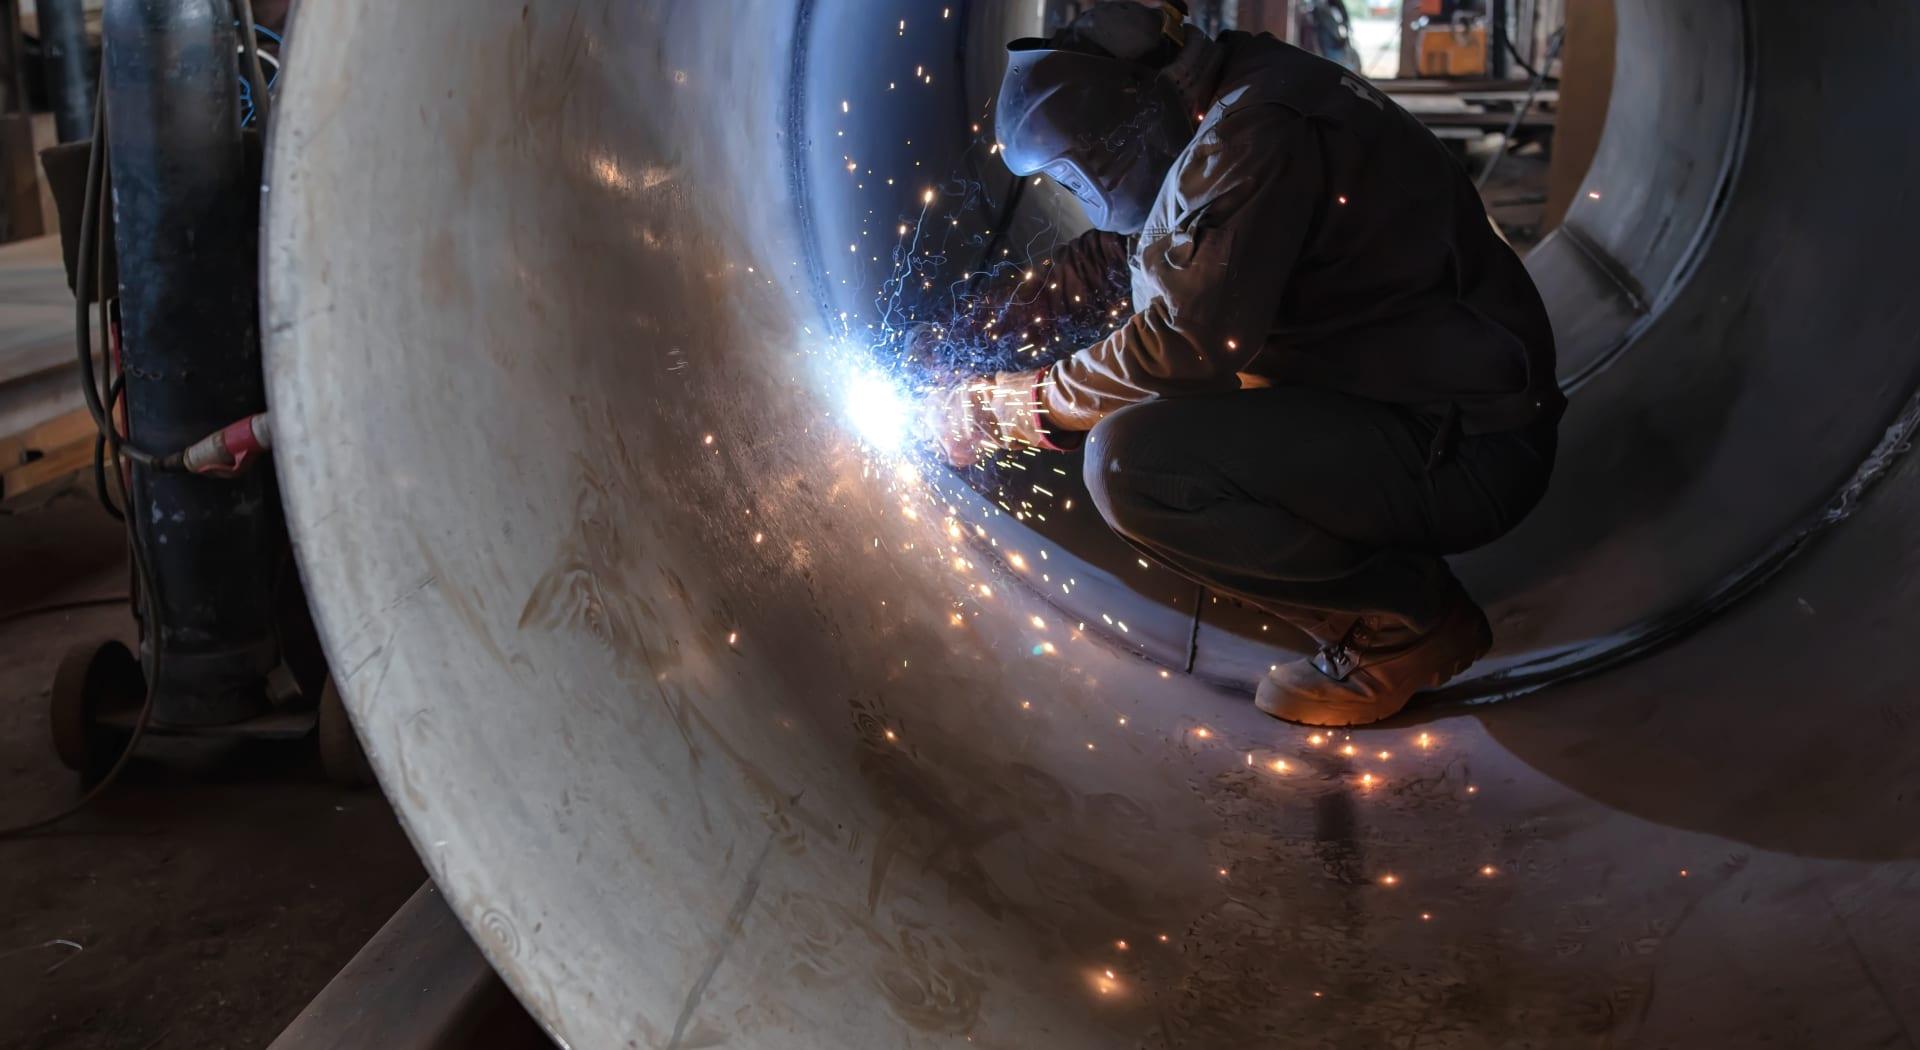 Arbeidstakere utsettes for kjemikalier på jobb som kan gi alvorlige yrkesskader.